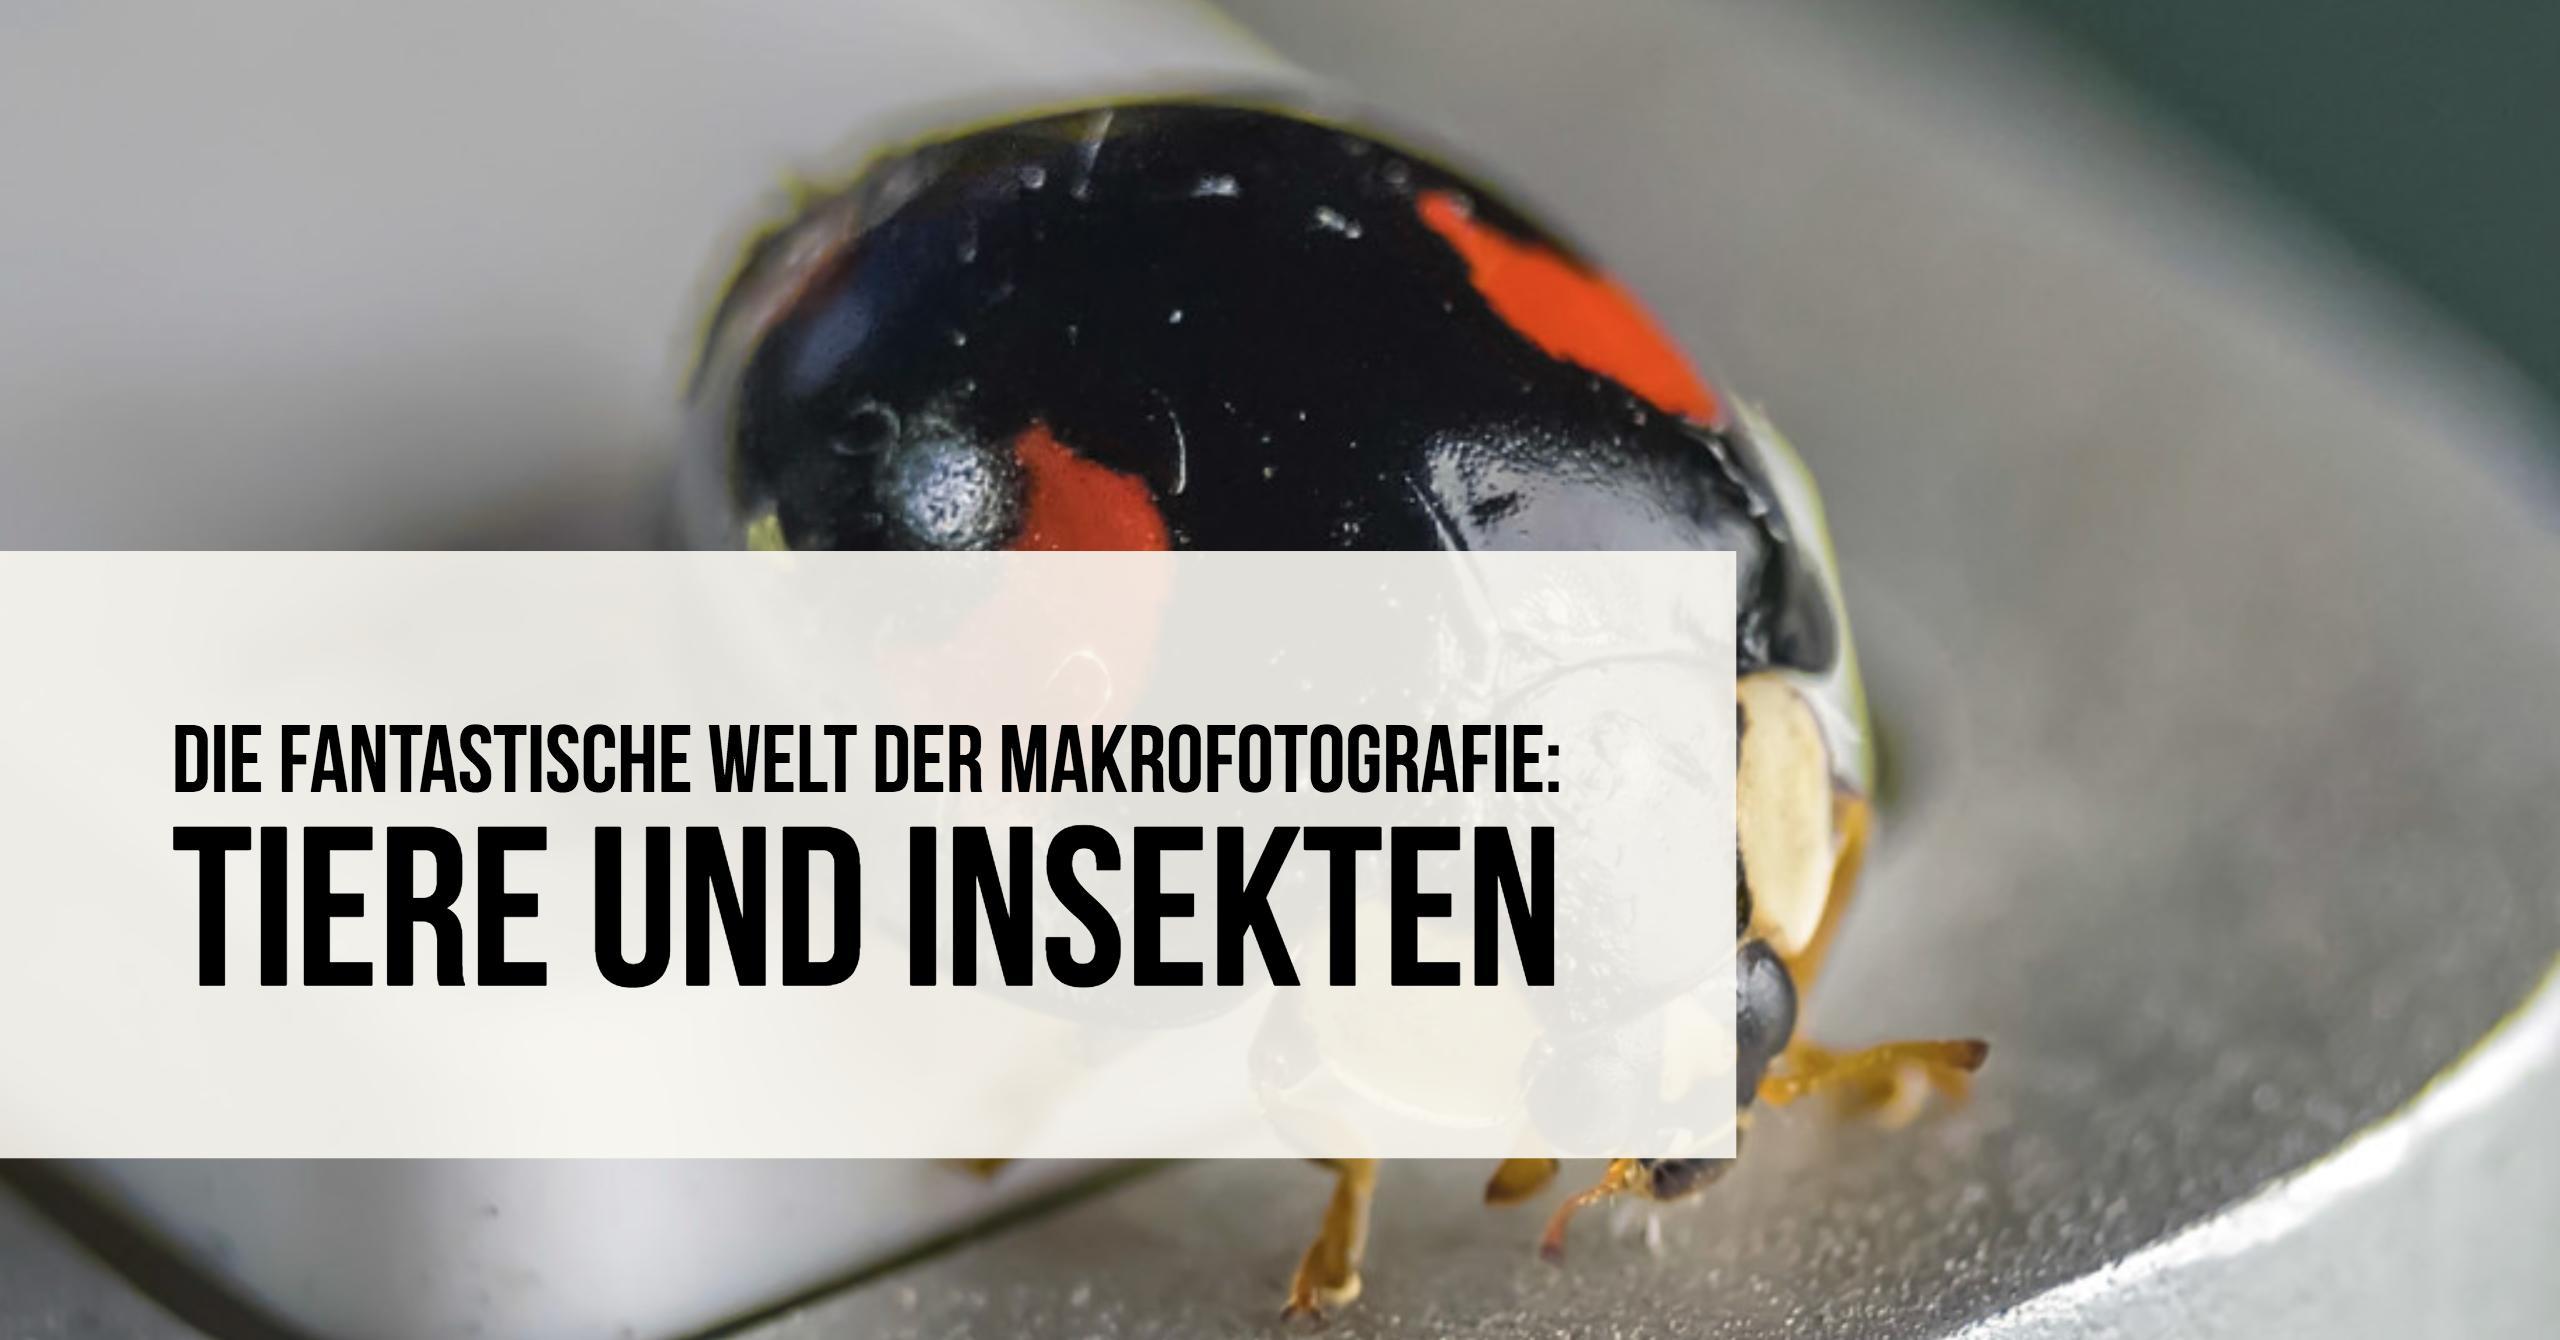 fantastische-welt-der-makrofotografie-tiere-insekten-teaser